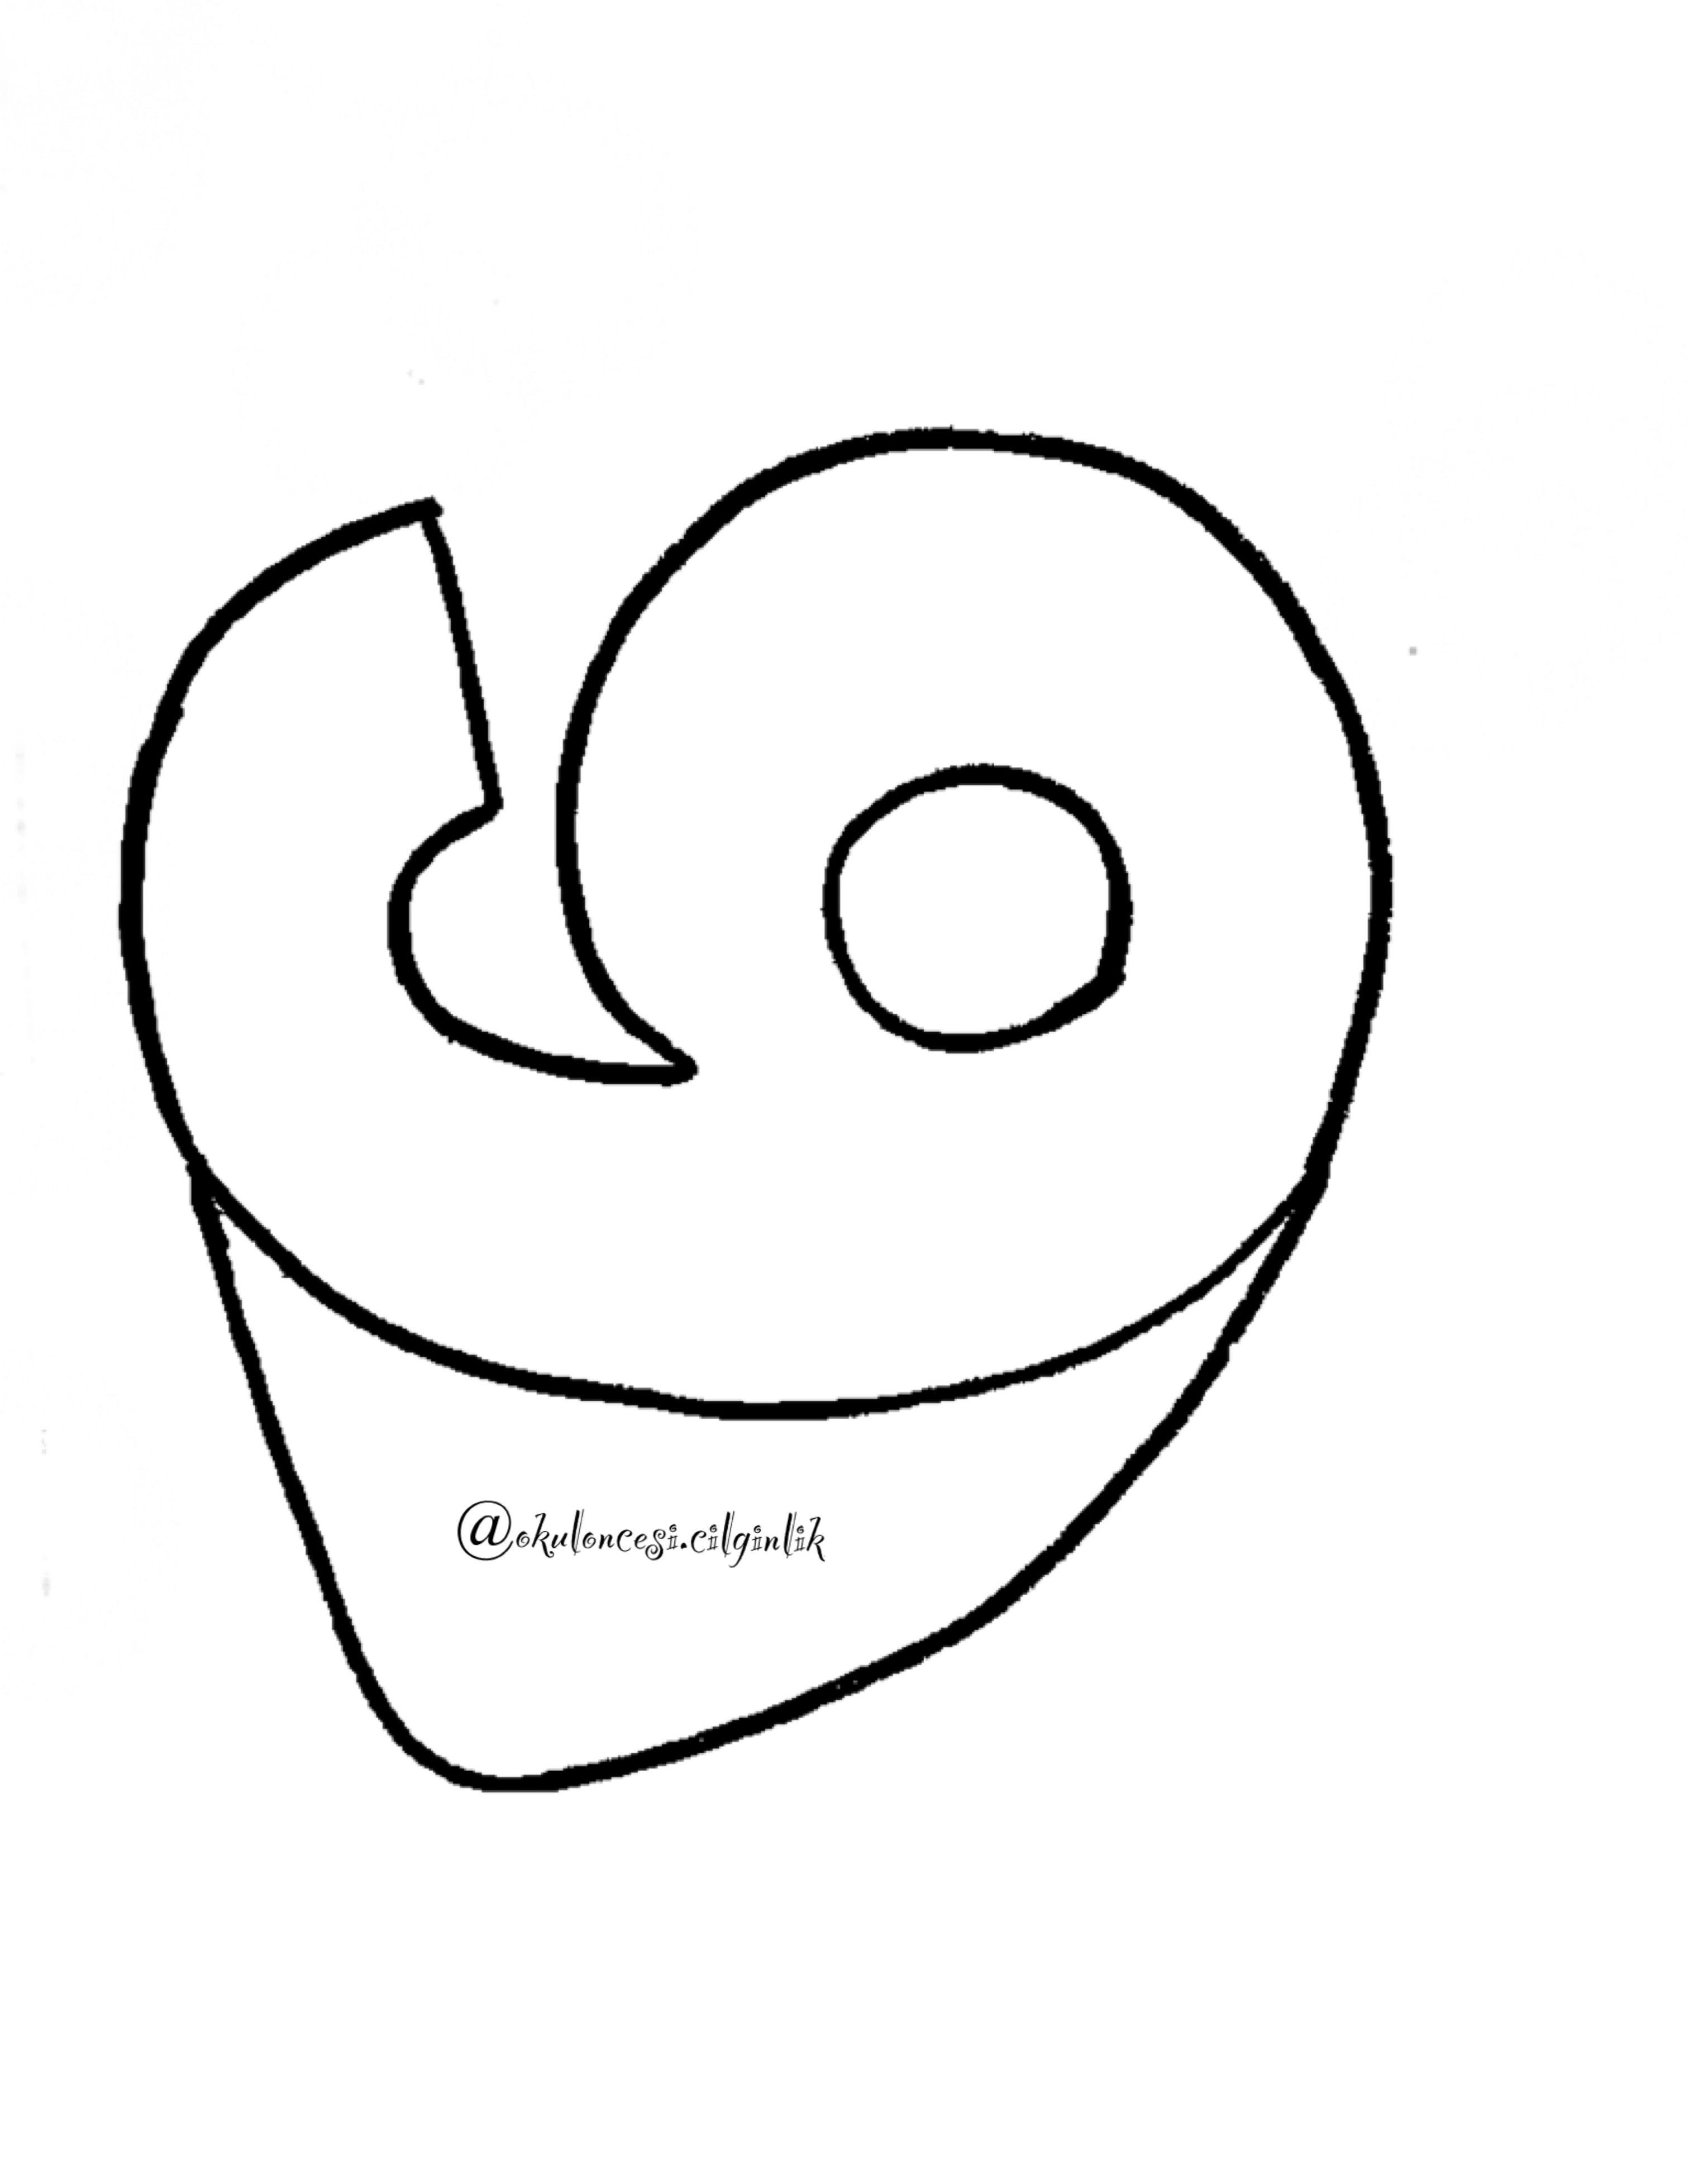 Merhaba 9 Rakami 9 Rakamindan Kurbaga Bile Yapariz Bir De Onunla Oynariz Kaliplar Icin Pinterest Sayilar Pano Boyama Sayfalari Matematik Sanat